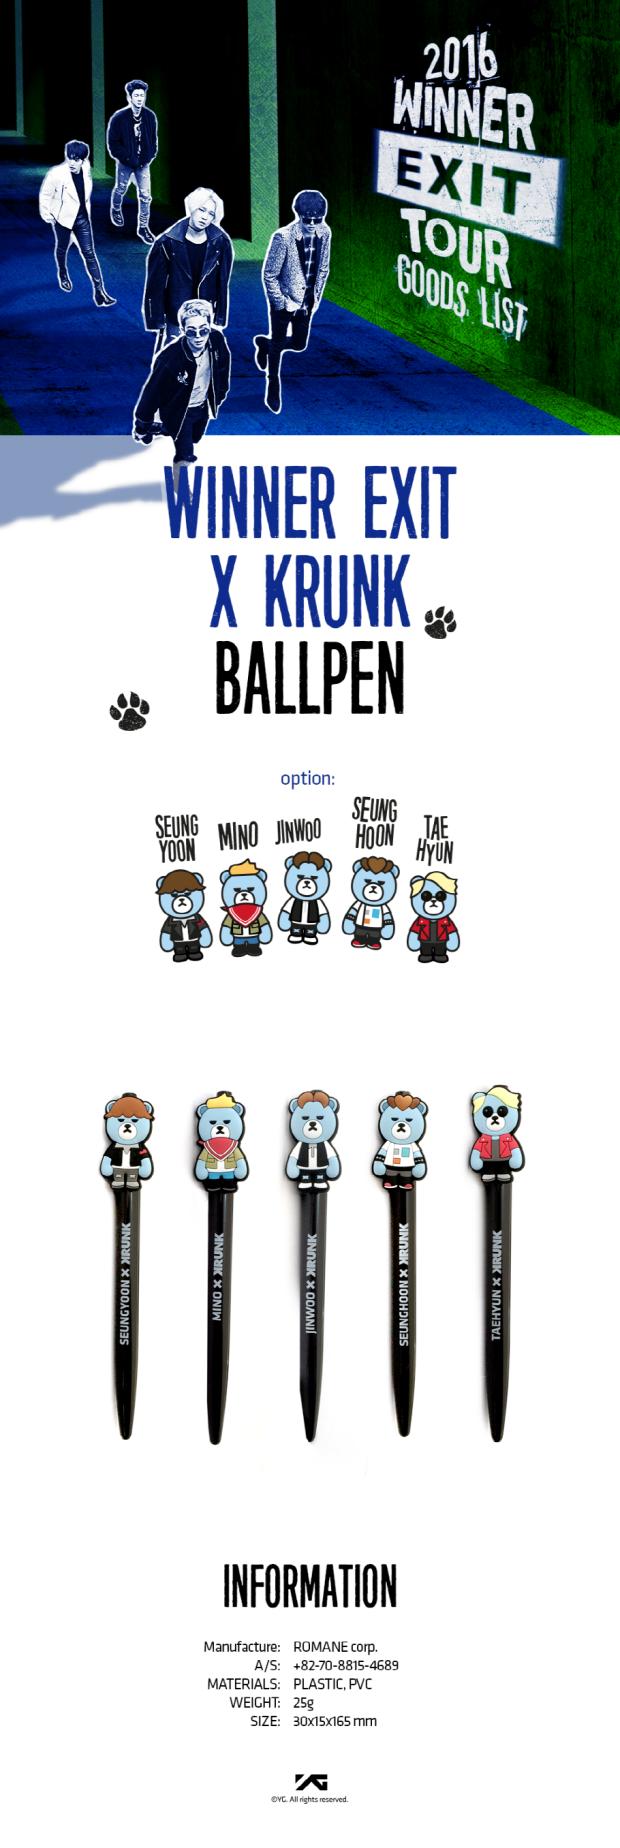 25_x_krunk_ballpen_01